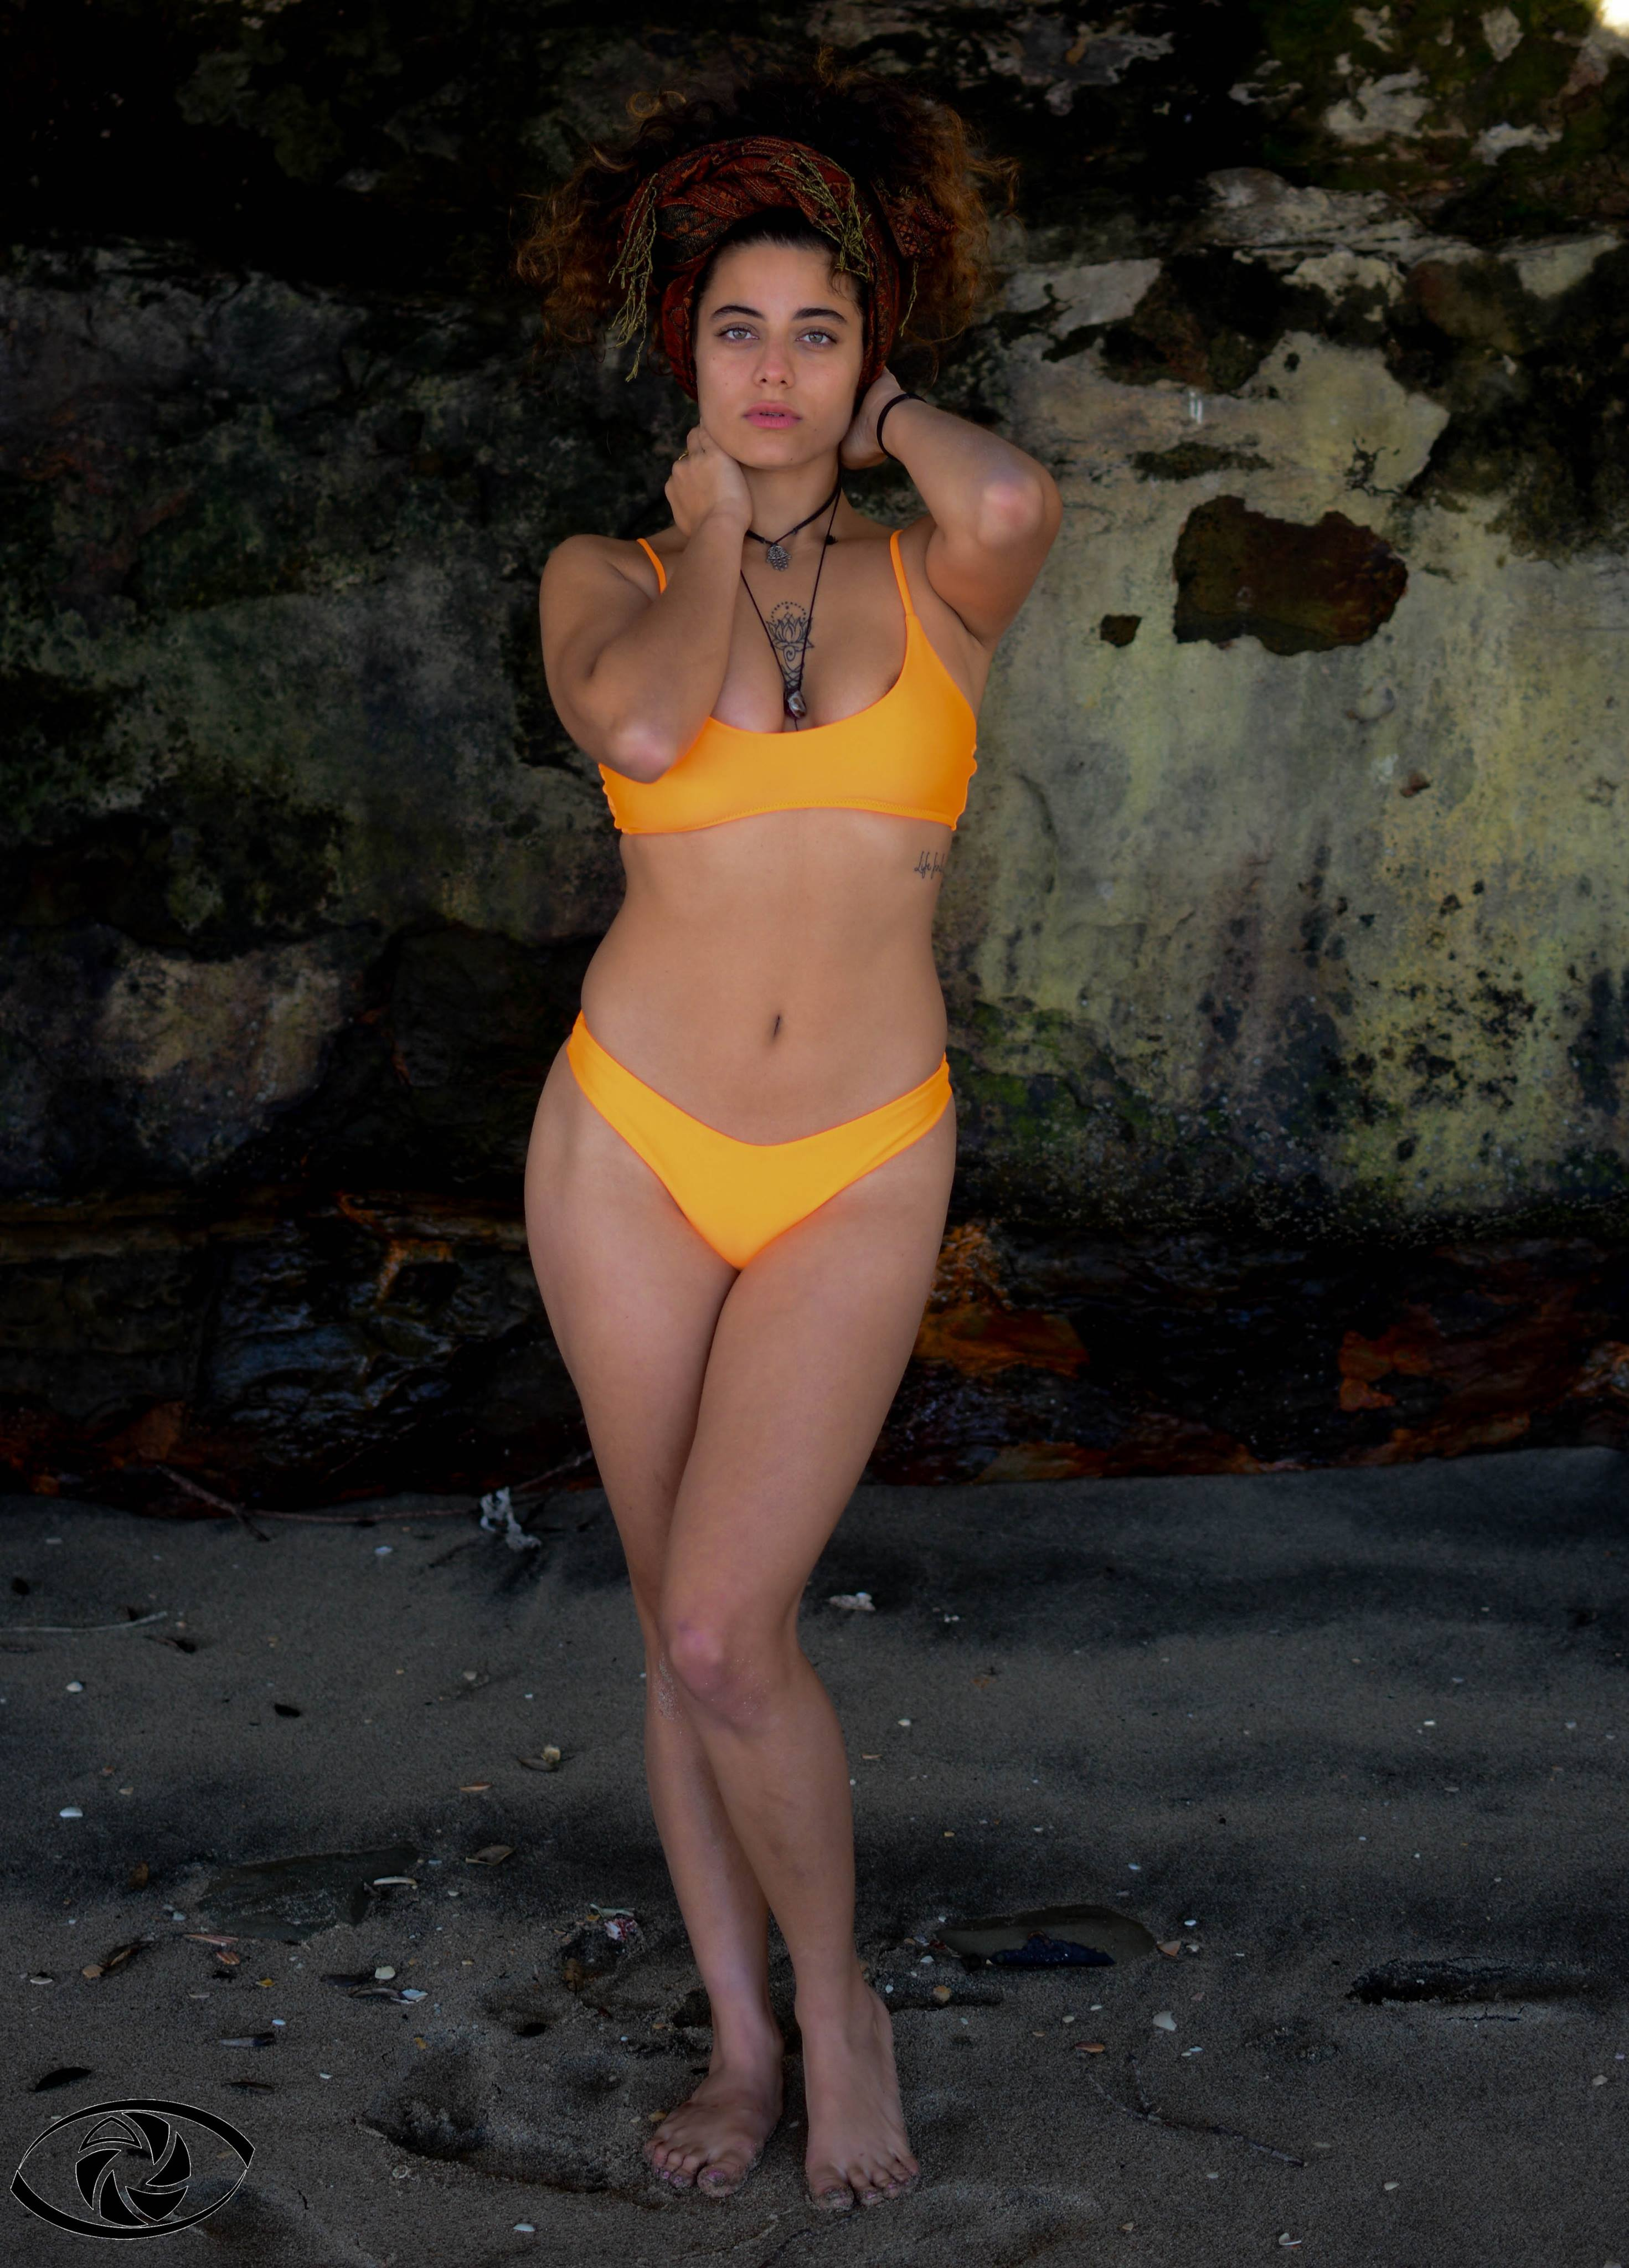 Female Stripper - Zara